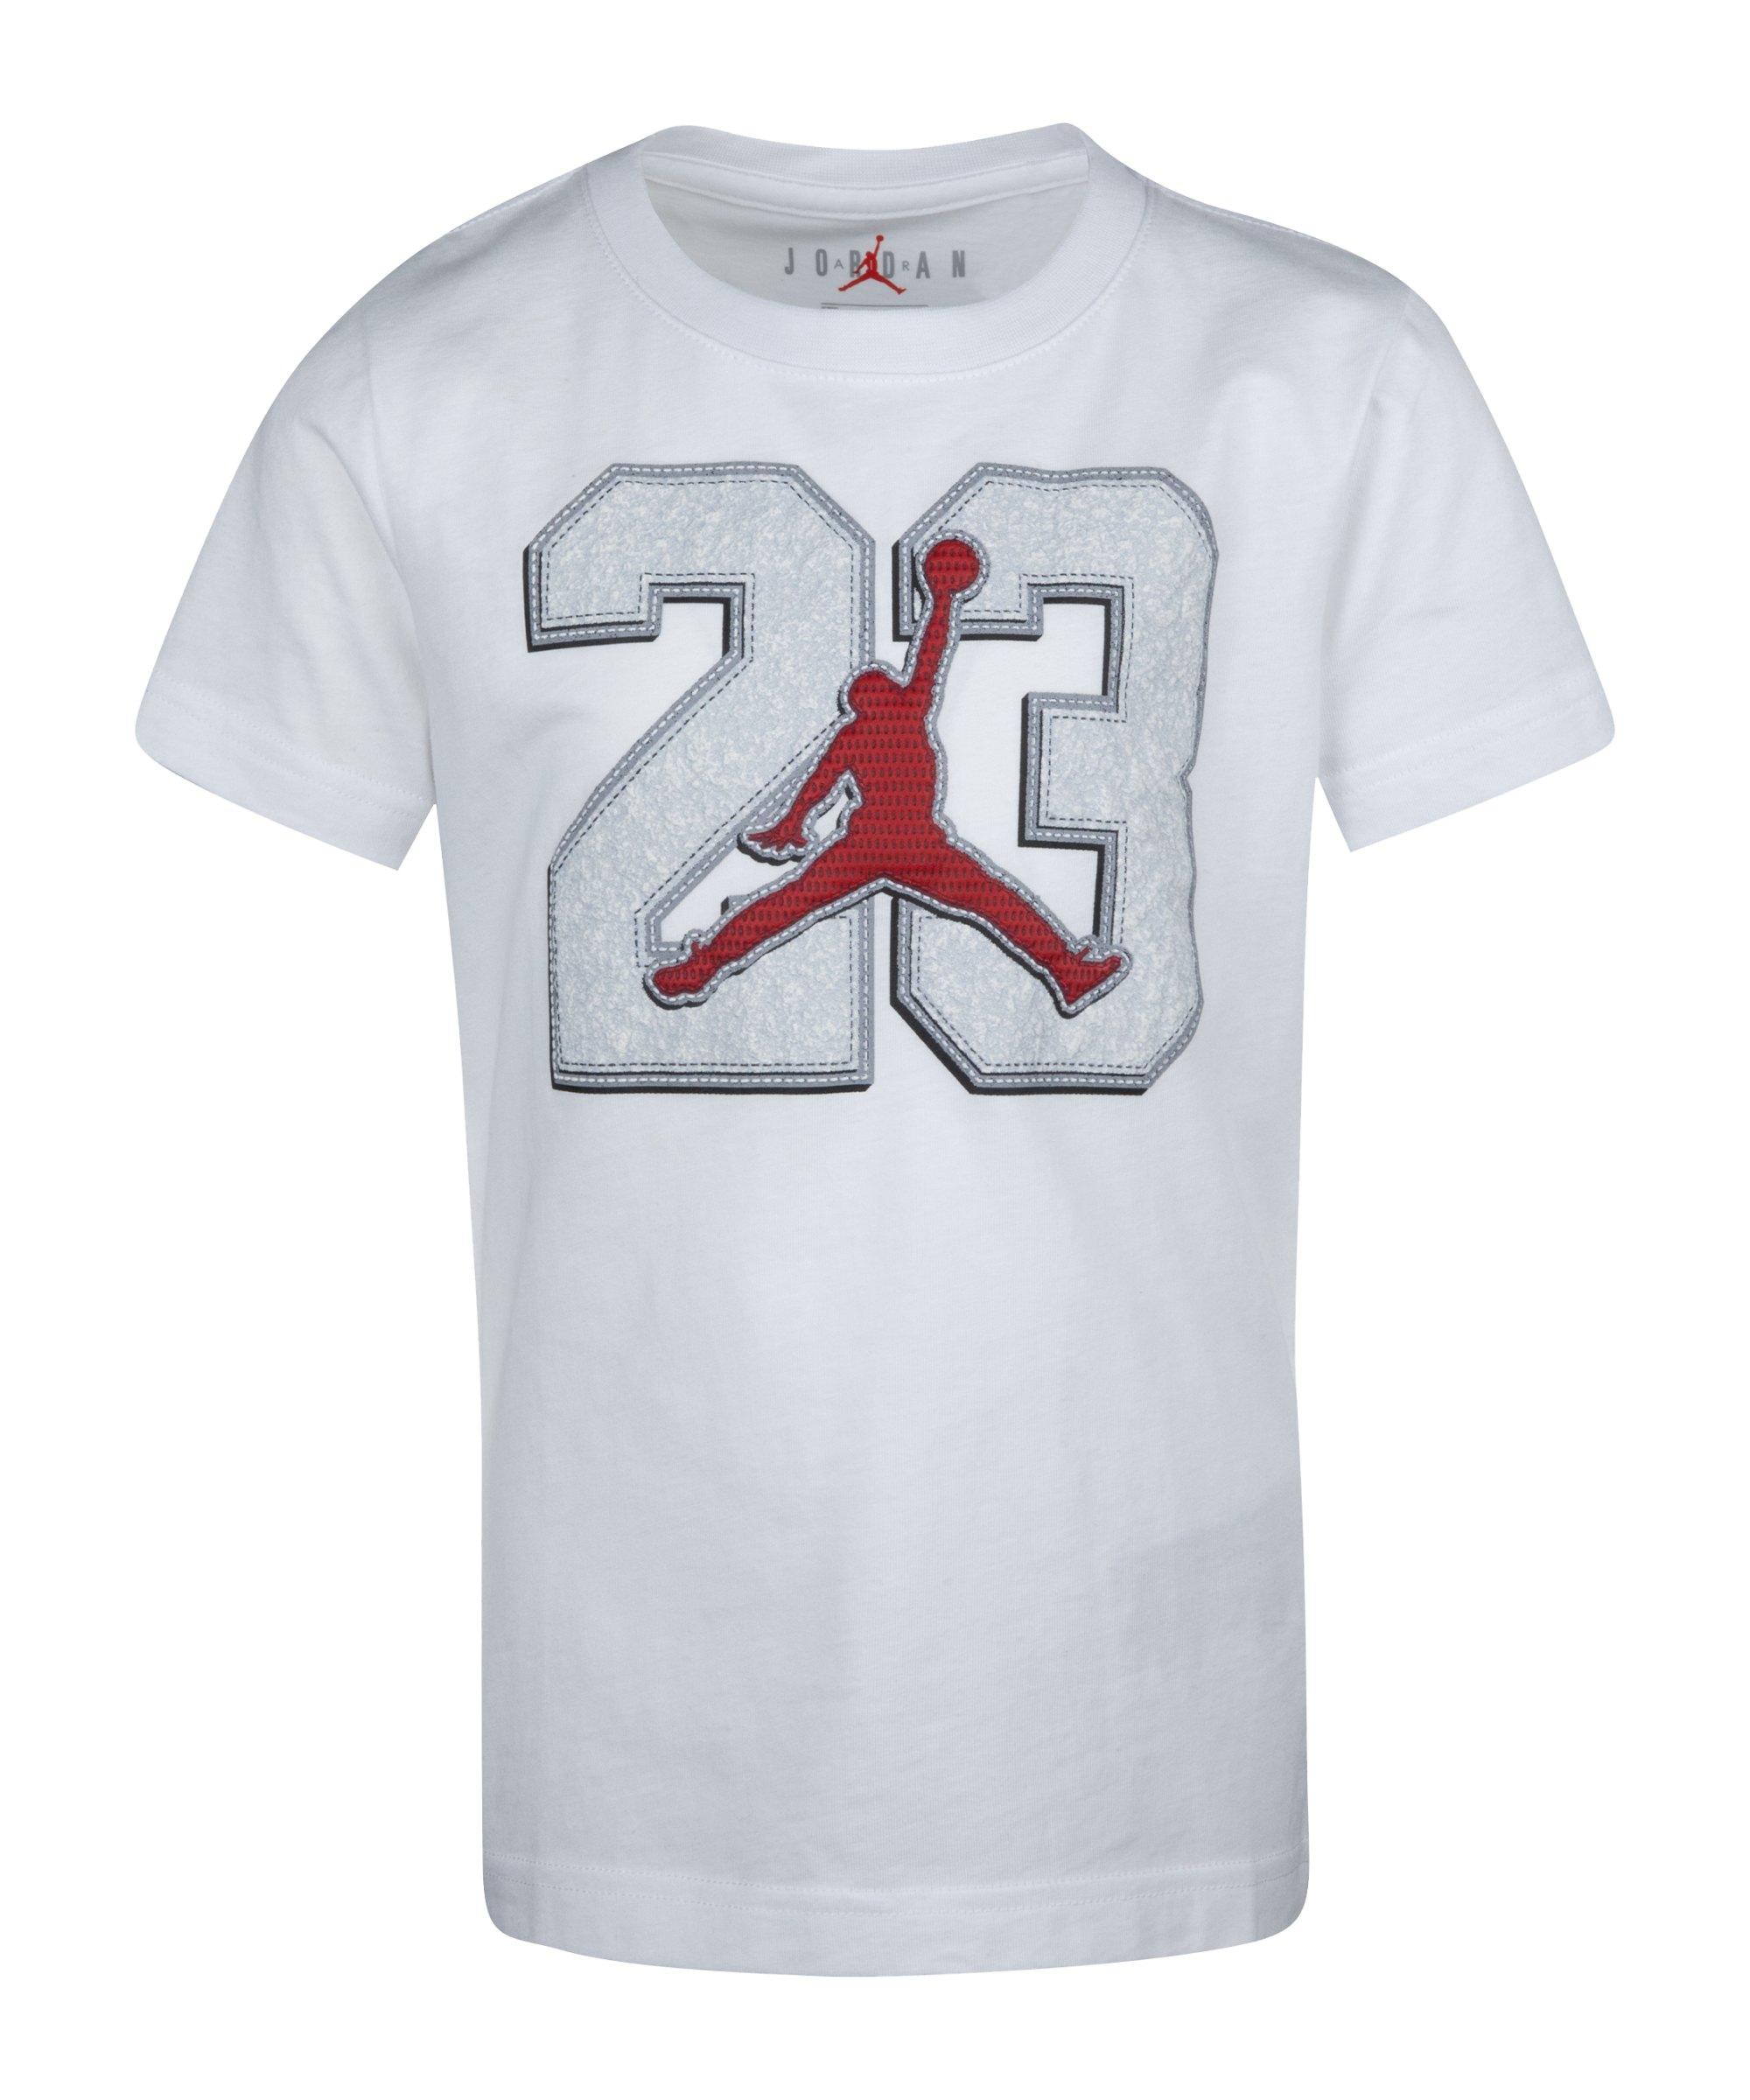 Jordan 23 Game Time T-Shirt Kids Weiss F001 - weiss